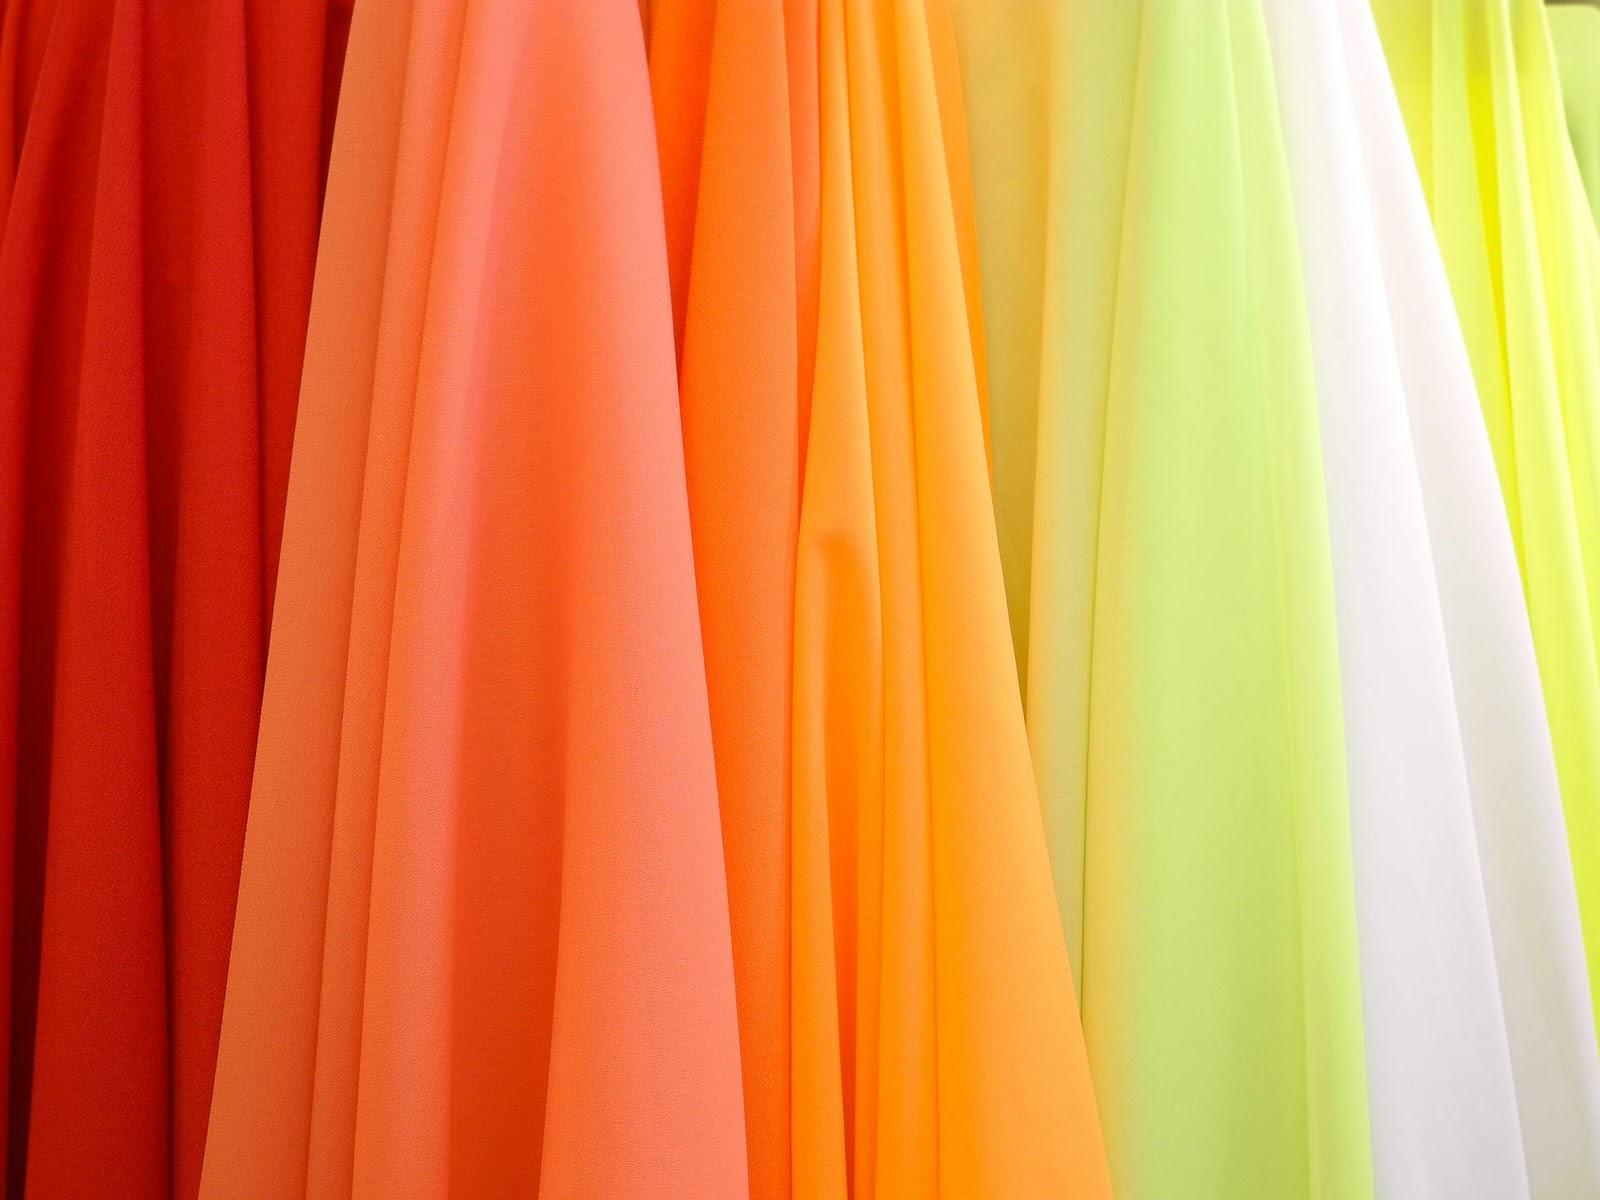 вырос ткани разных цветов картинки например, секретный